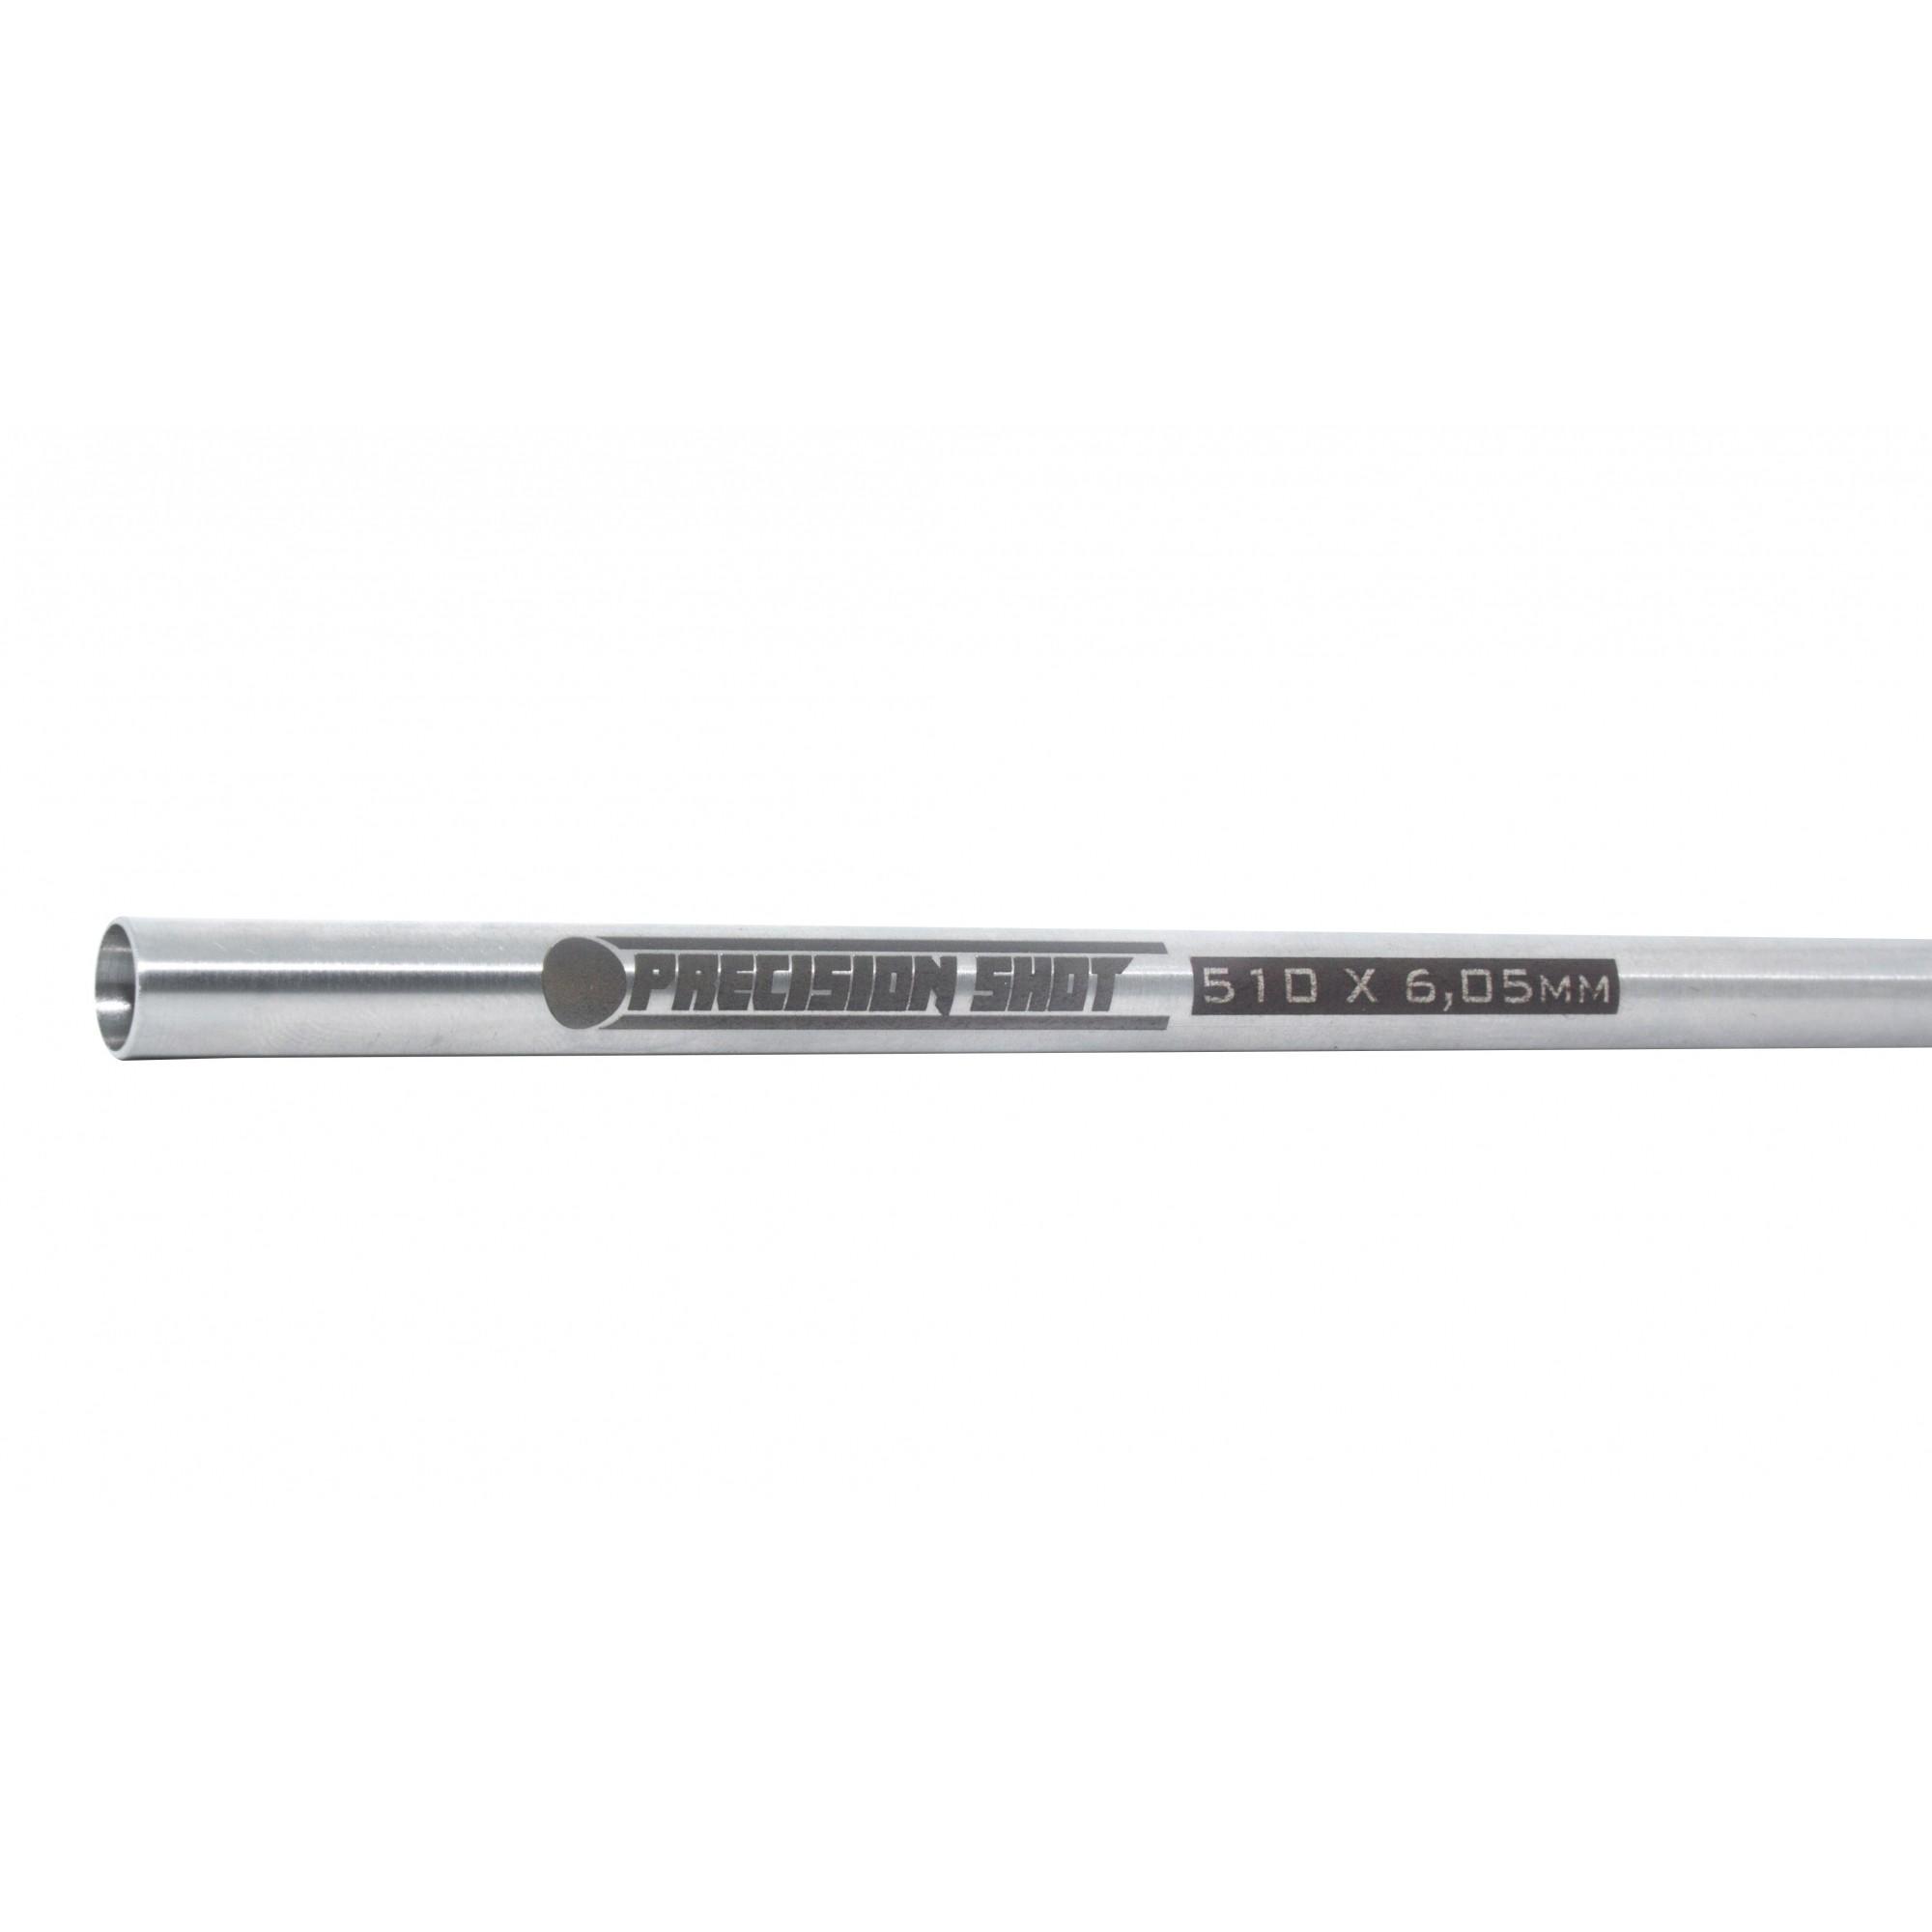 Cano de Precisão 510mm x 6,05mm Janela Fechada Hibrido VSR/AEG